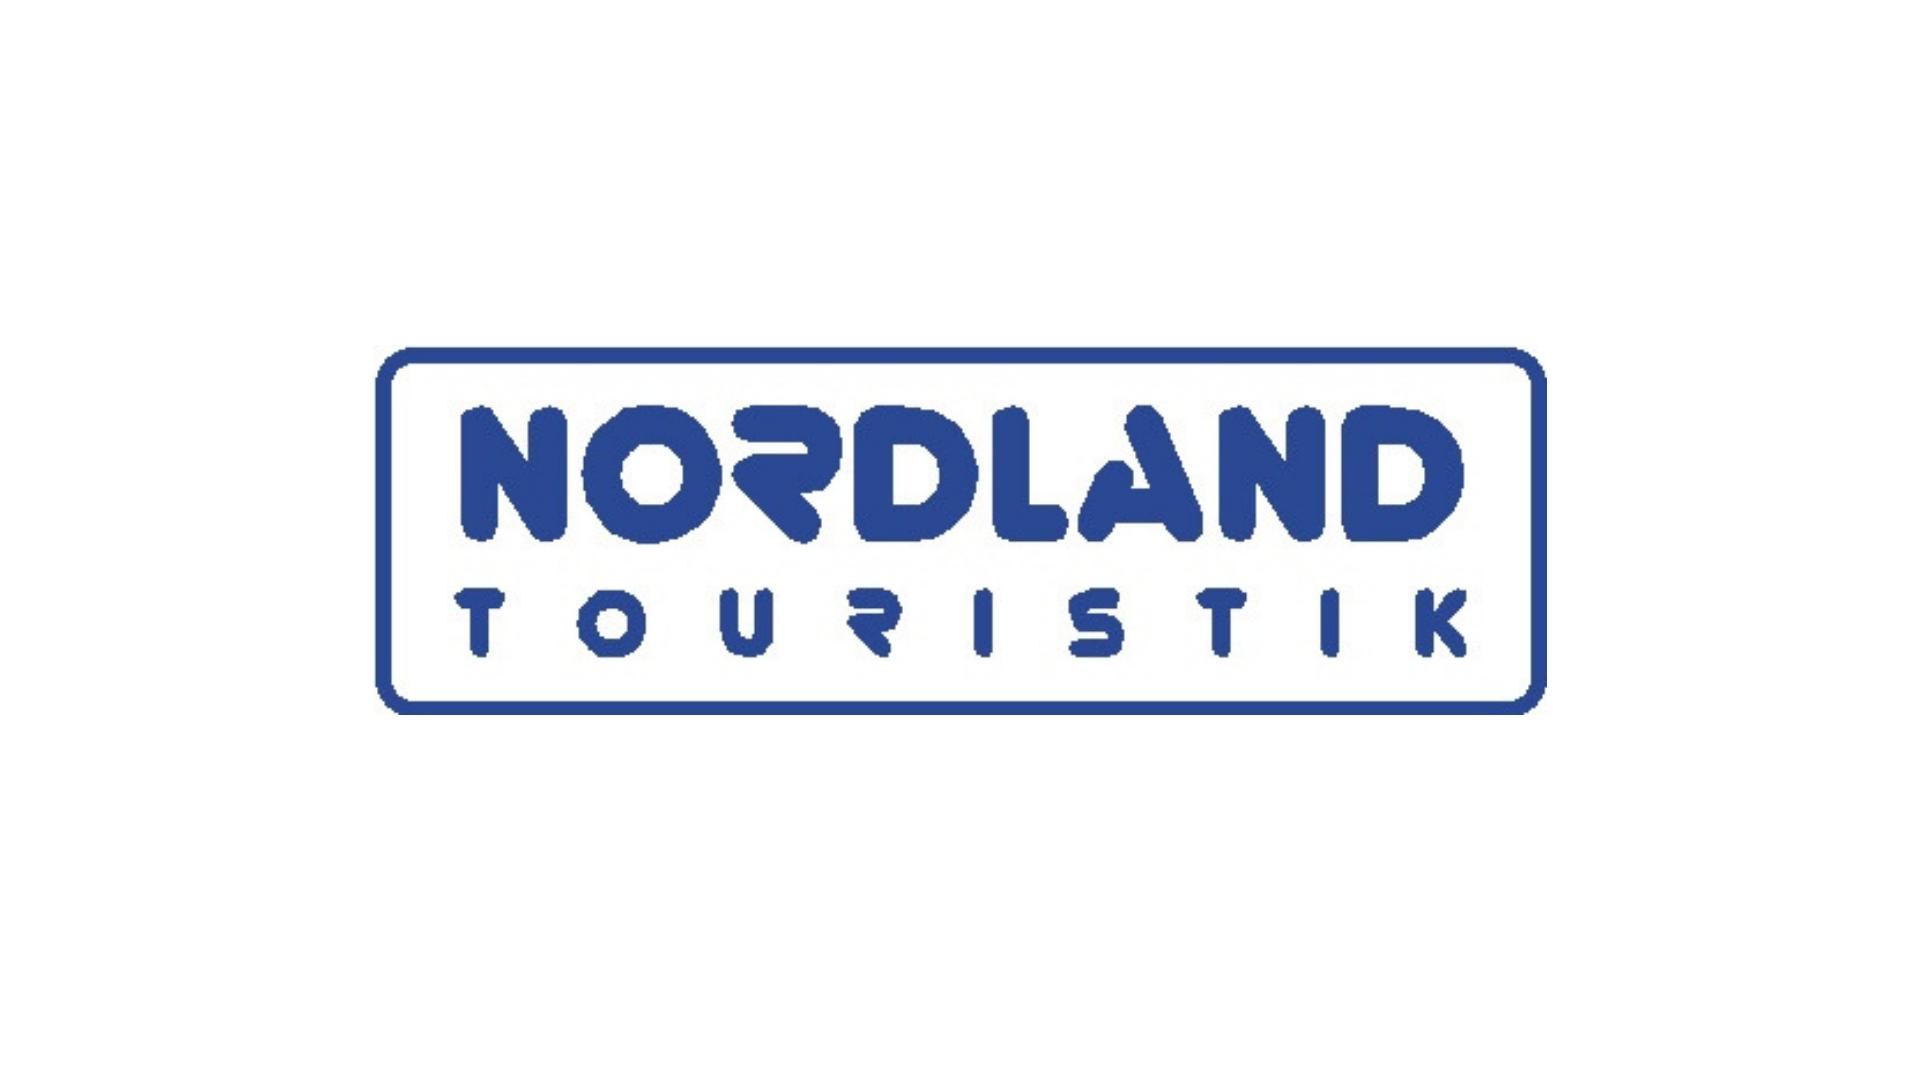 nordland-touristik-logo-w